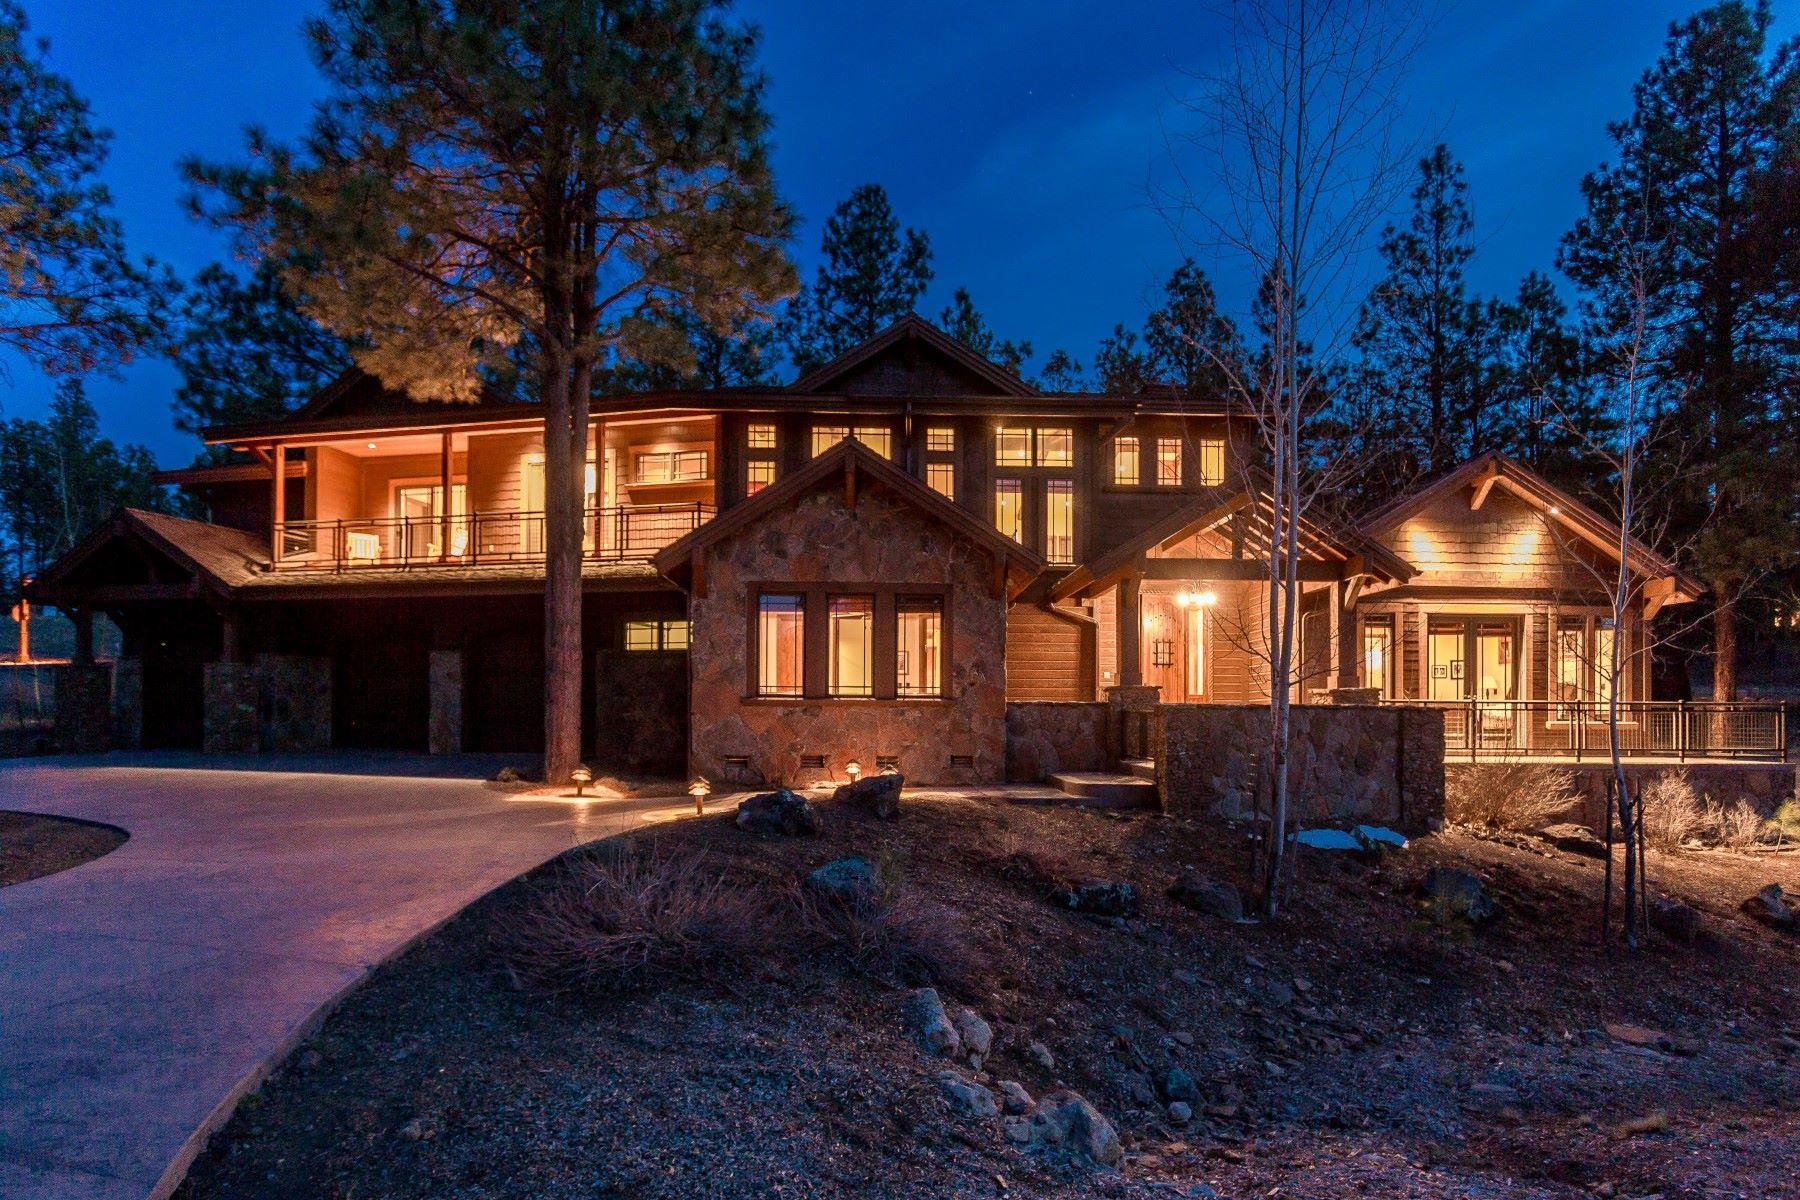 独户住宅 为 销售 在 Stunning Mountain Luxury Retreat 1999 E Bare Oak Loop 弗拉格斯塔夫, 亚利桑那州, 86005 美国